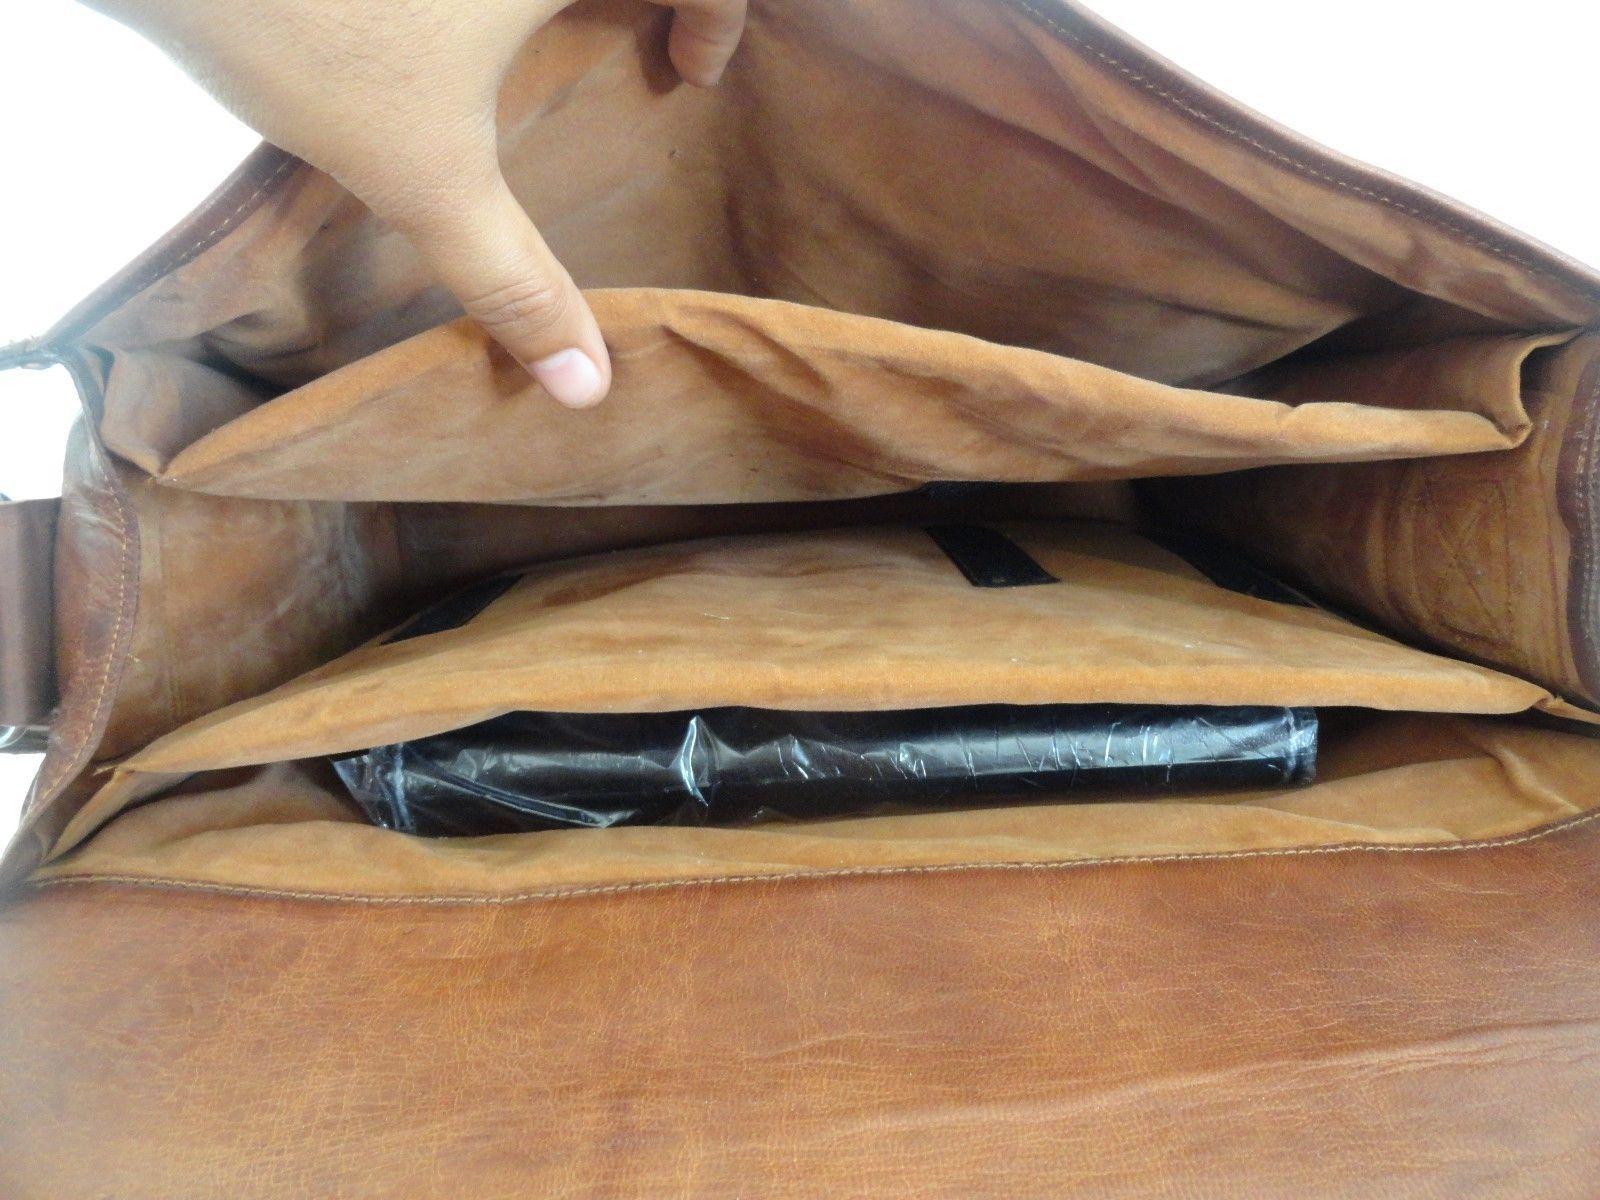 16x12' Men's Vintage Leather DSLR Camera Bag Padded Briefcase Macbook Satchel image 10